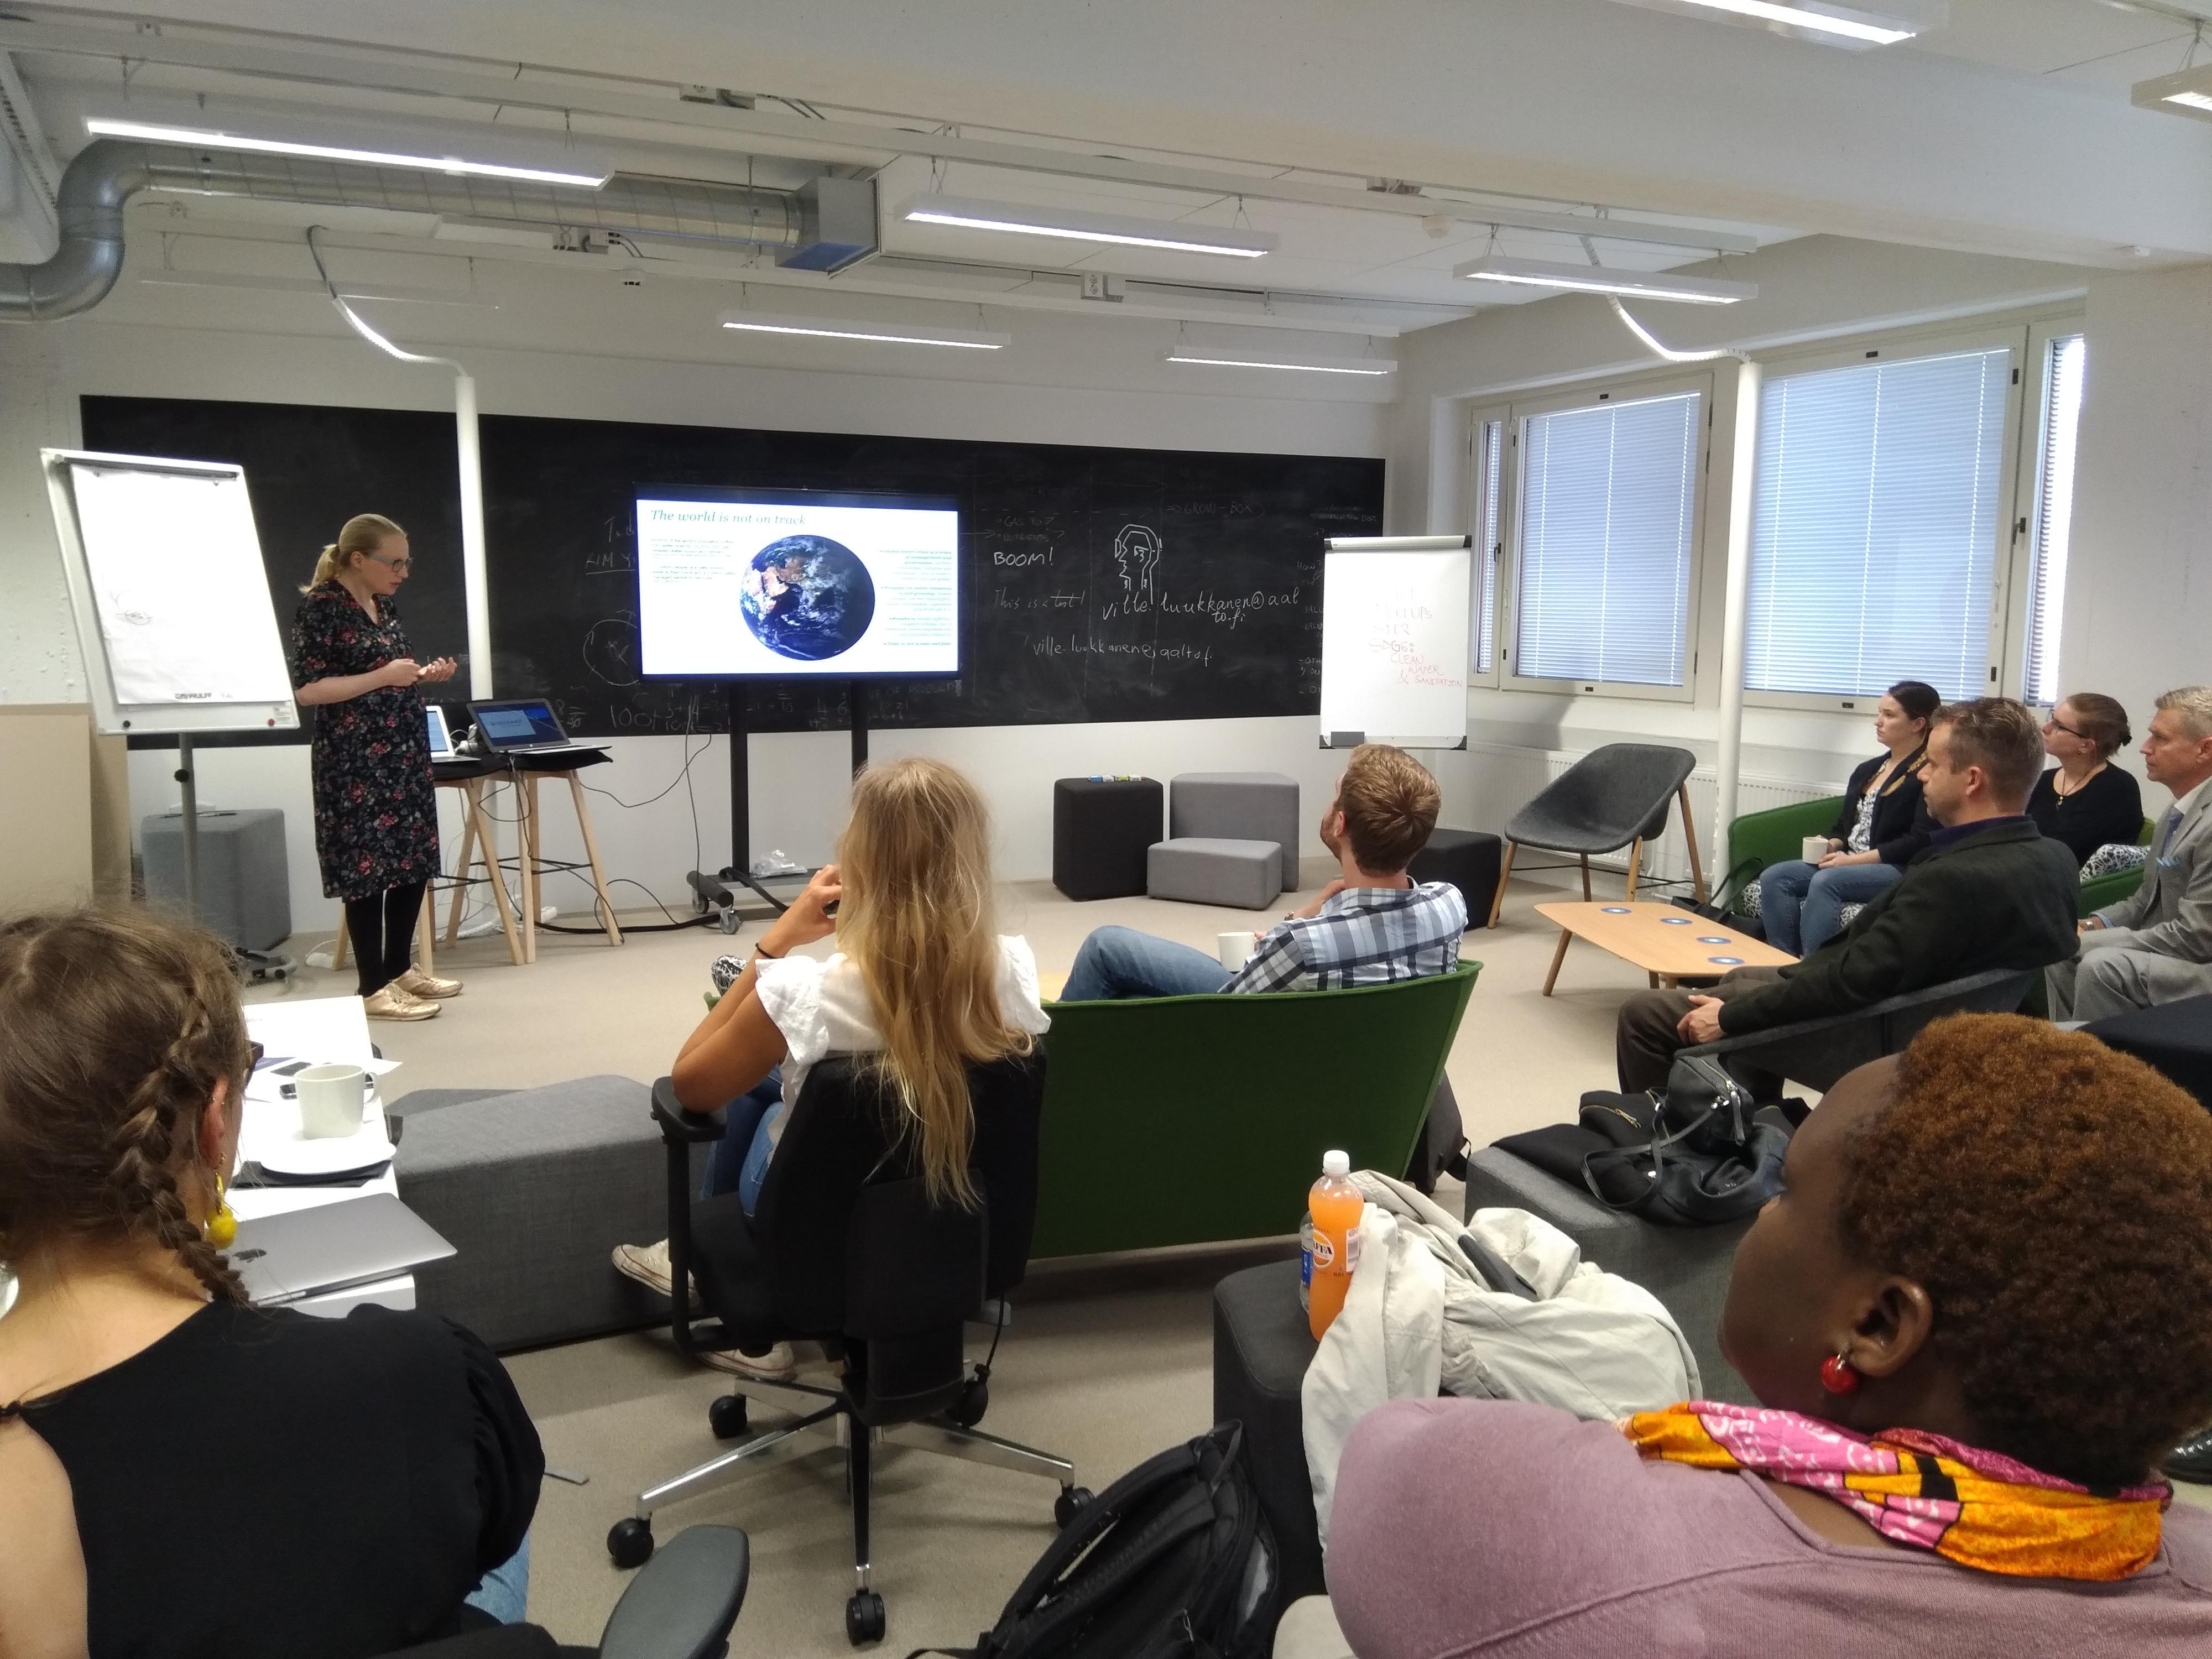 Aalto Startup Center